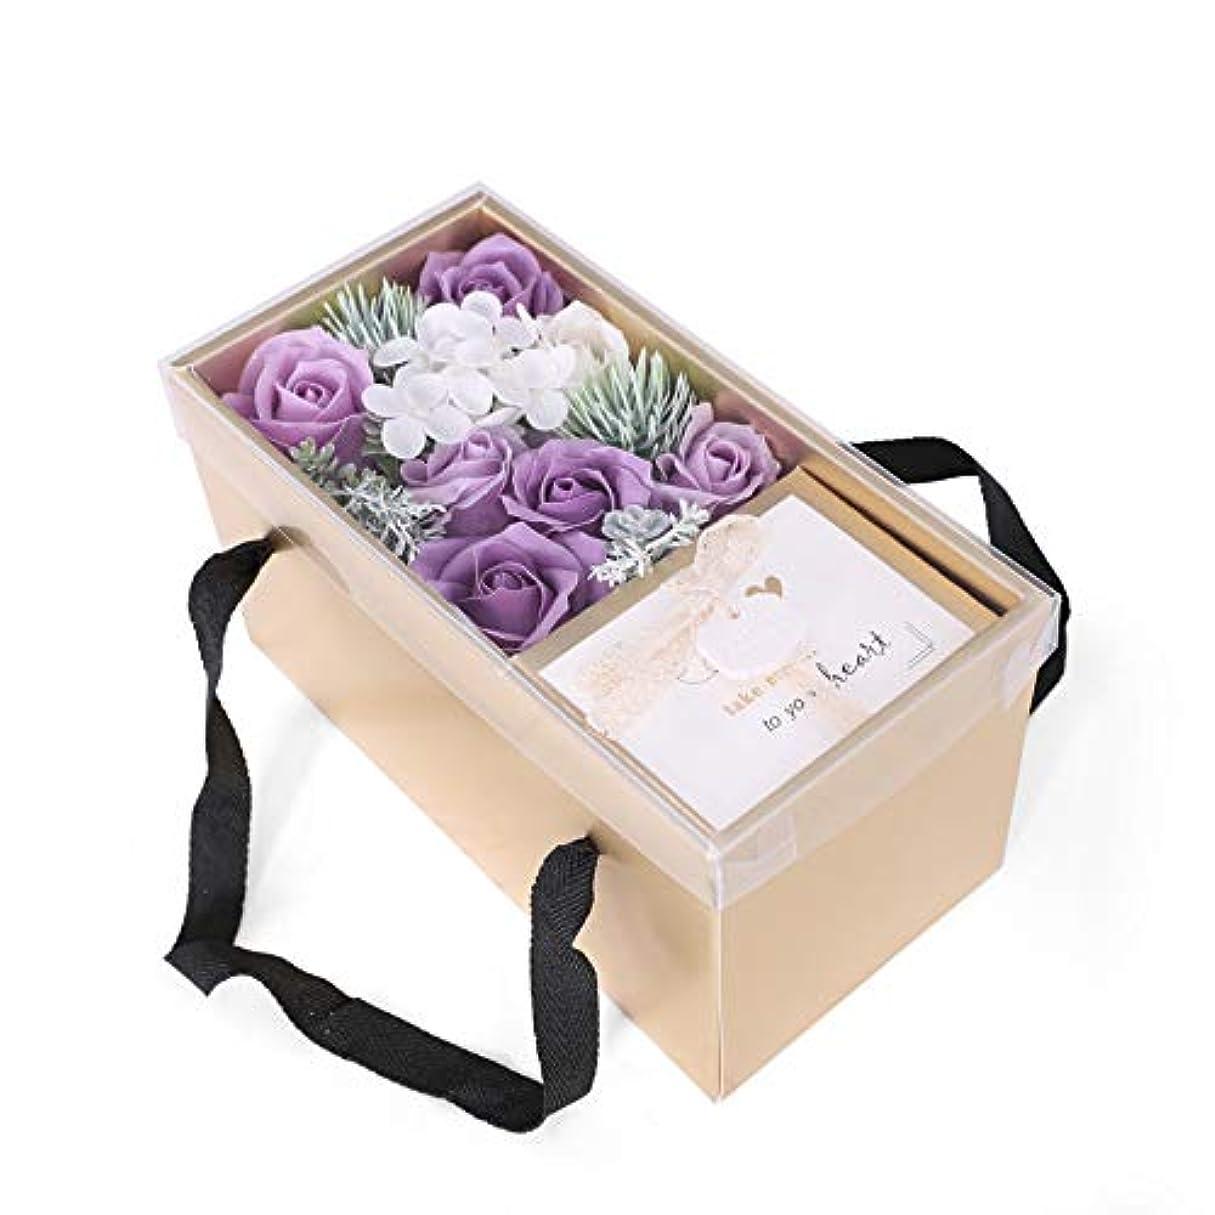 二宇宙電化する生地と花石鹸の花 バスソープフラワーローズフラワーバレンタインデーのために必須ガールフレンド記念日誕生日母の日ポータブルギフトボックス (色 : 紫の)